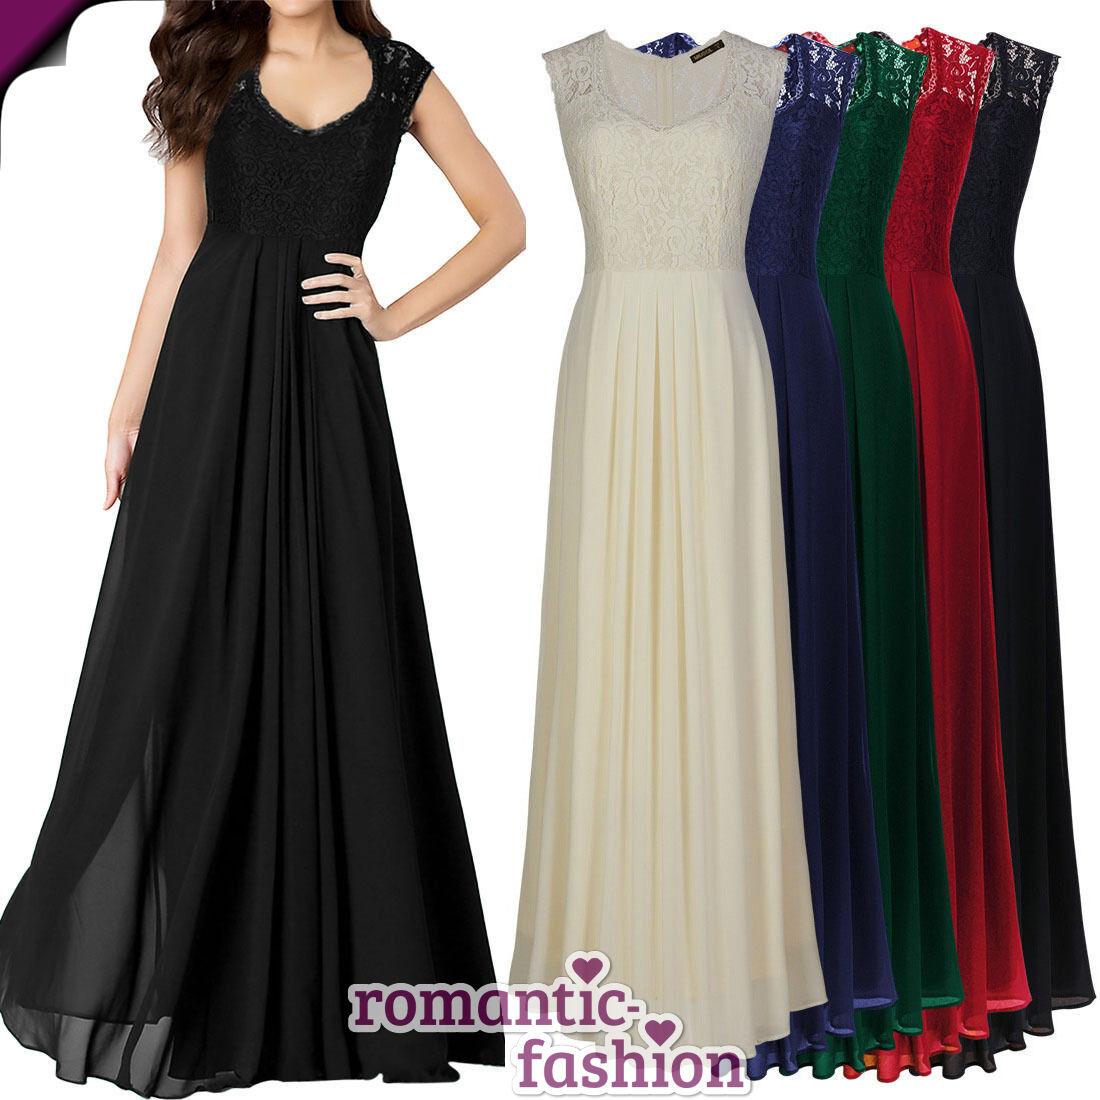 ♥Größe 36-46 Bodenlanges Abendkleid Cocktailkleid Ballkleid in 4  Farben+NEU♥  07a6757021